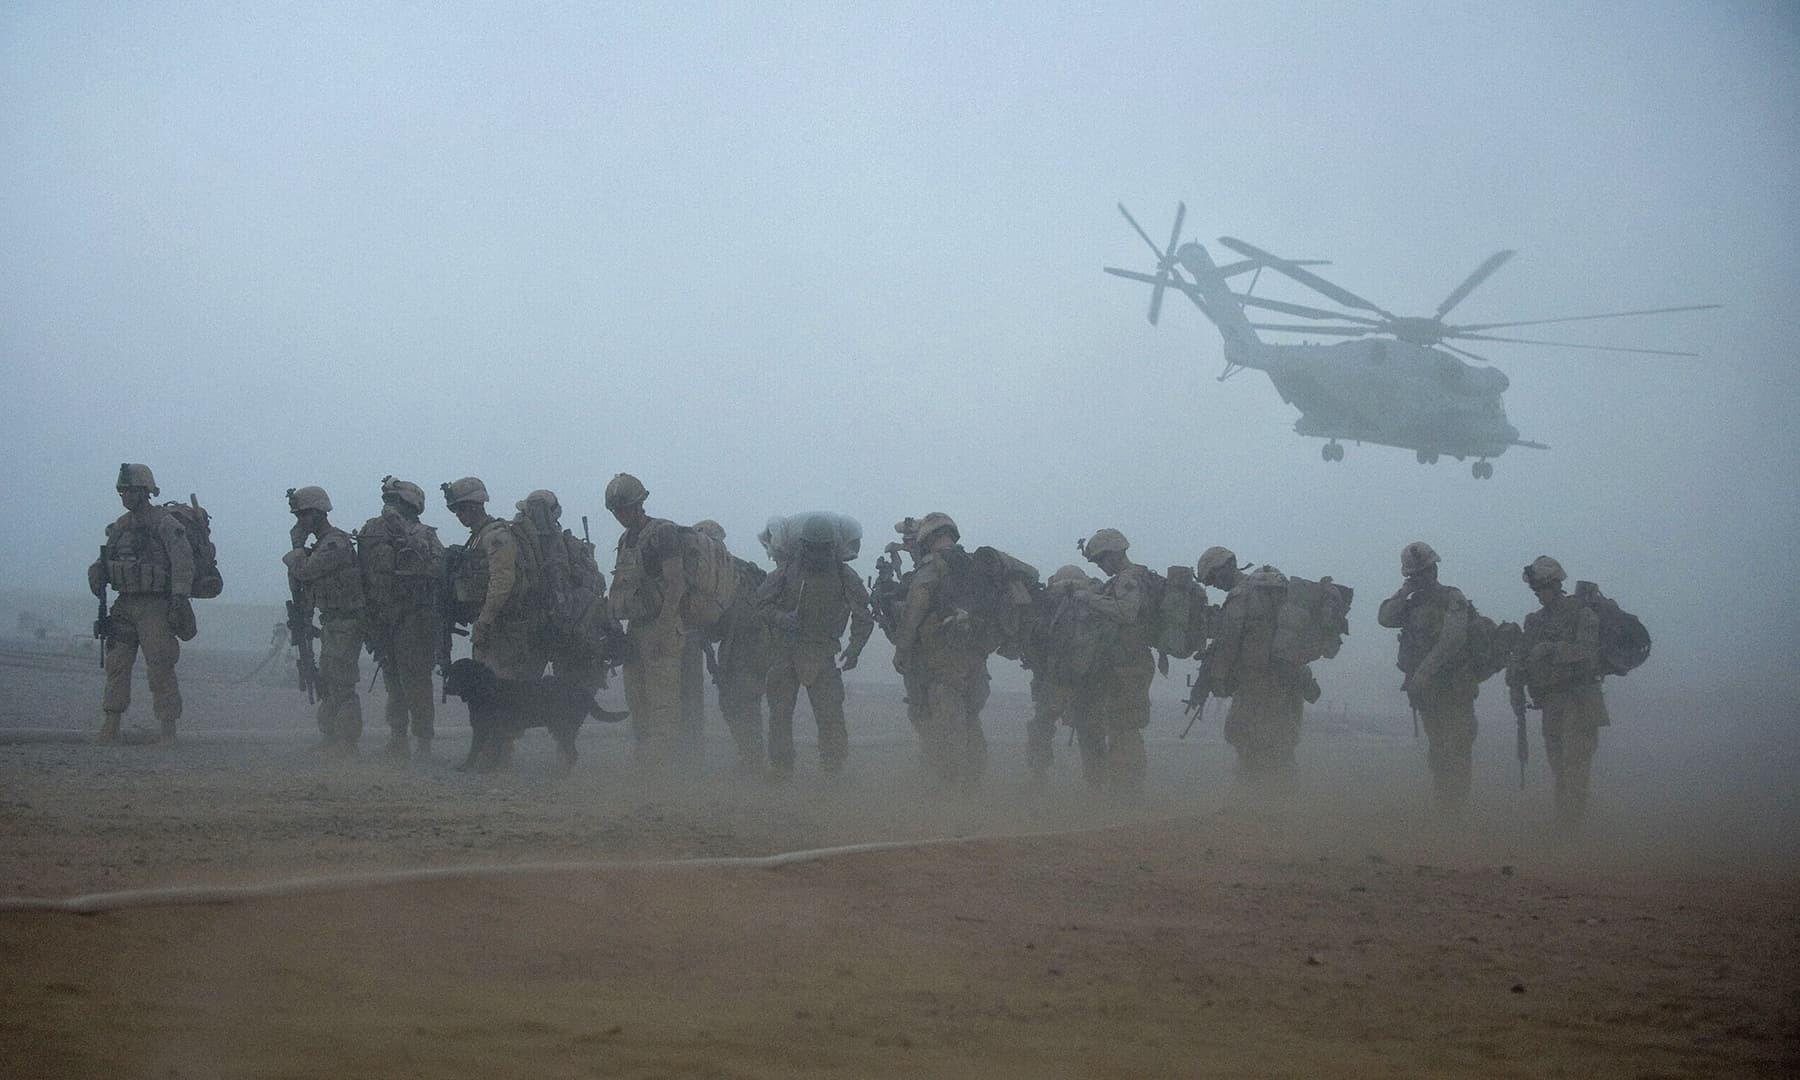 امریکی آٹھویں میرین رجمنٹ کے جوان 2 جولائی 2009 کو ہلمند میں کارروائی کے لیے ہیلی کاپٹر کی جانب بڑے رہے ہیں—فائل/فوٹو: اے ایف پی